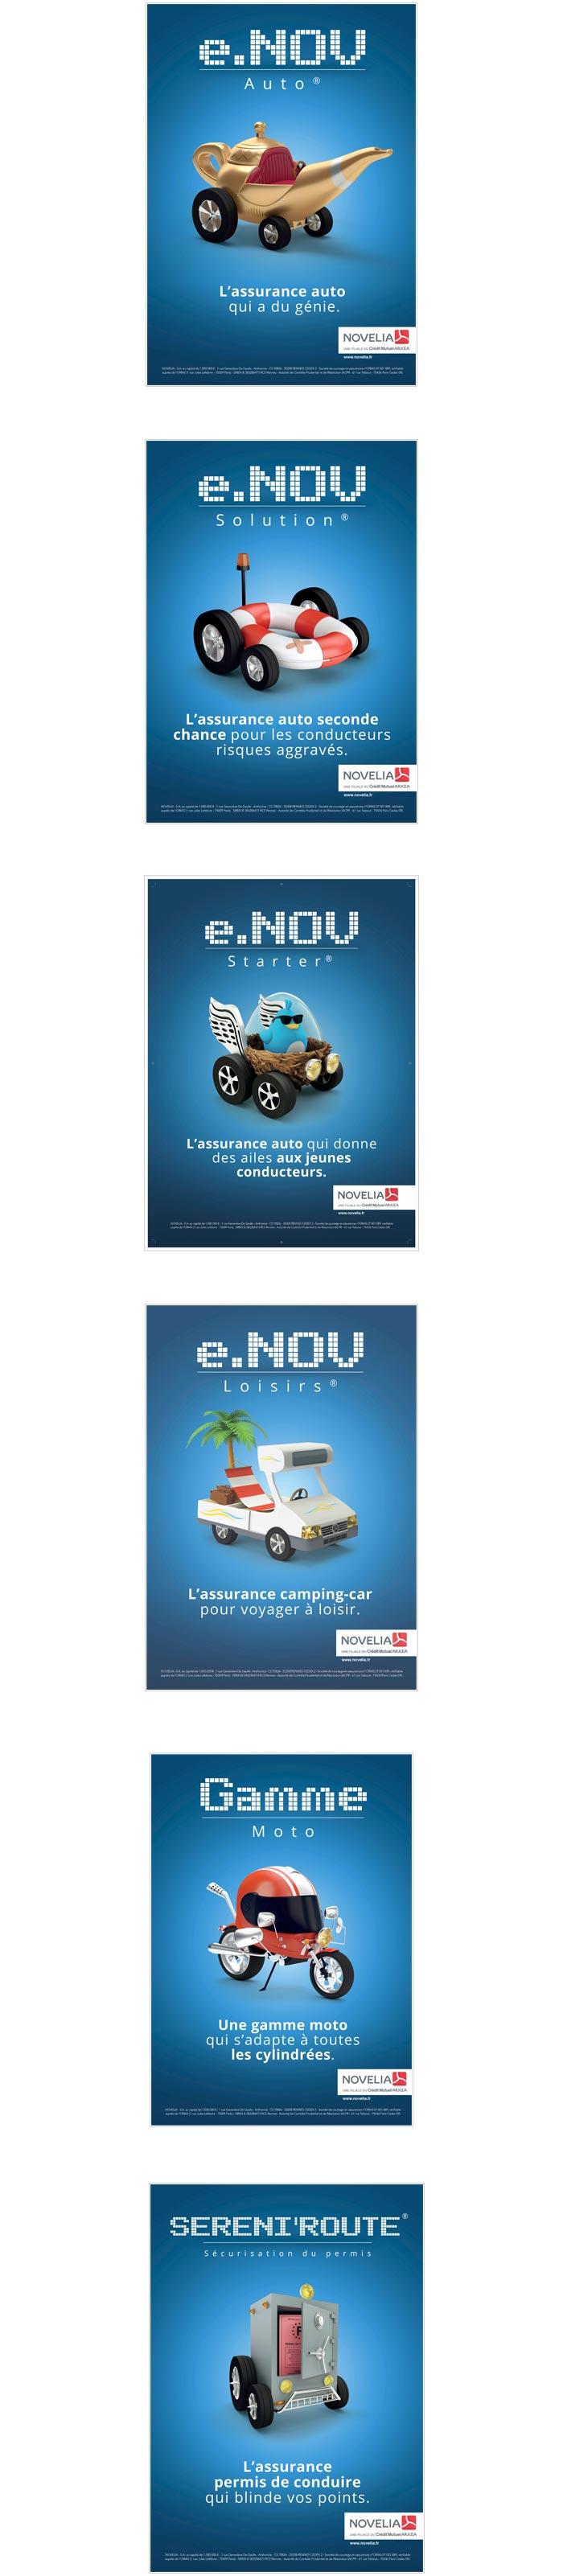 annonce presse pour une gamme de produits d'assurance Auto Moto